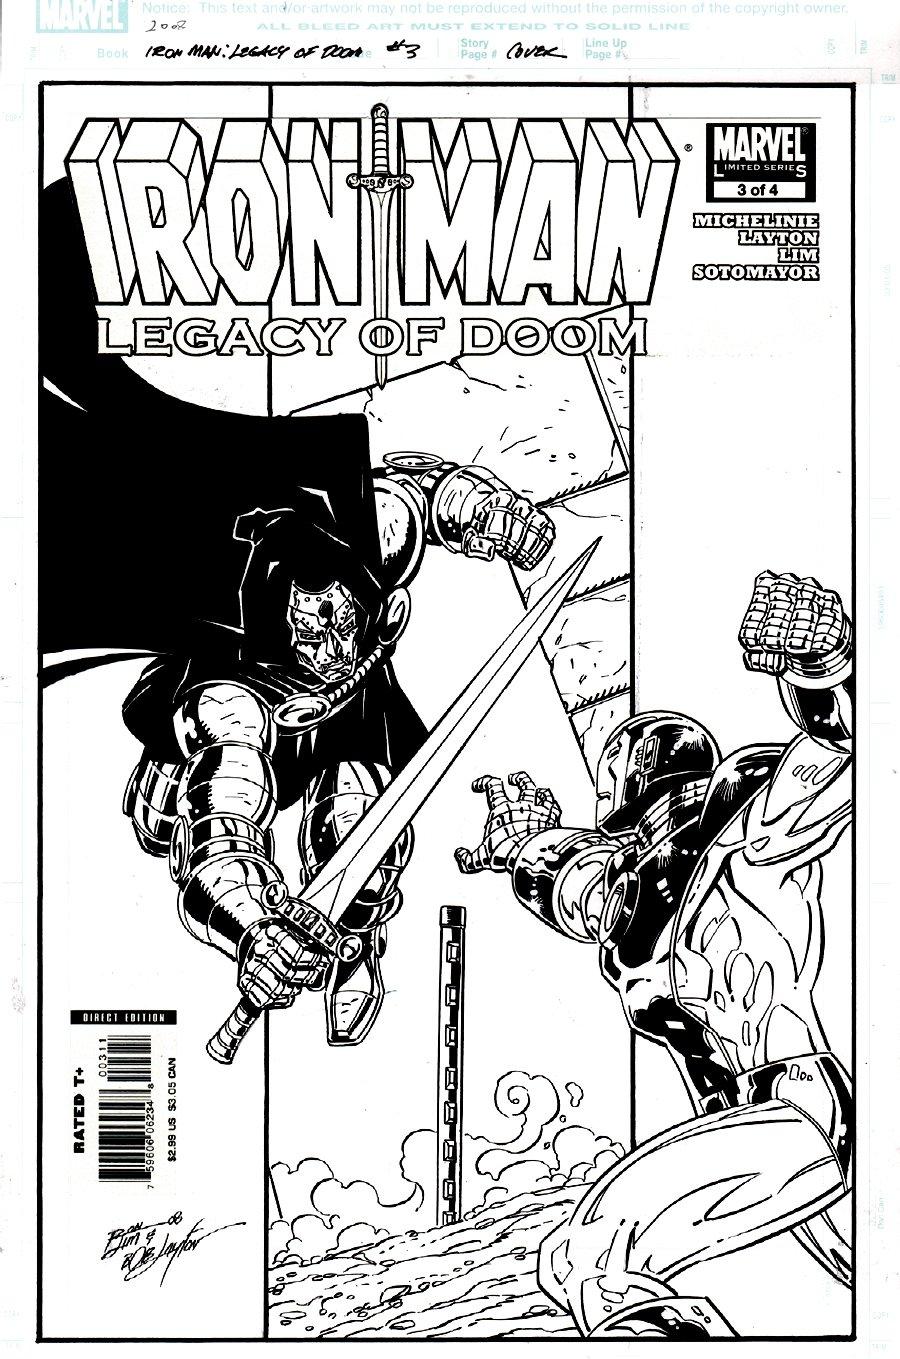 Iron Man: Legacy of Doom #3 Cover (DOOM VS IRON MAN, BOB LAYTON INKS!) 2008